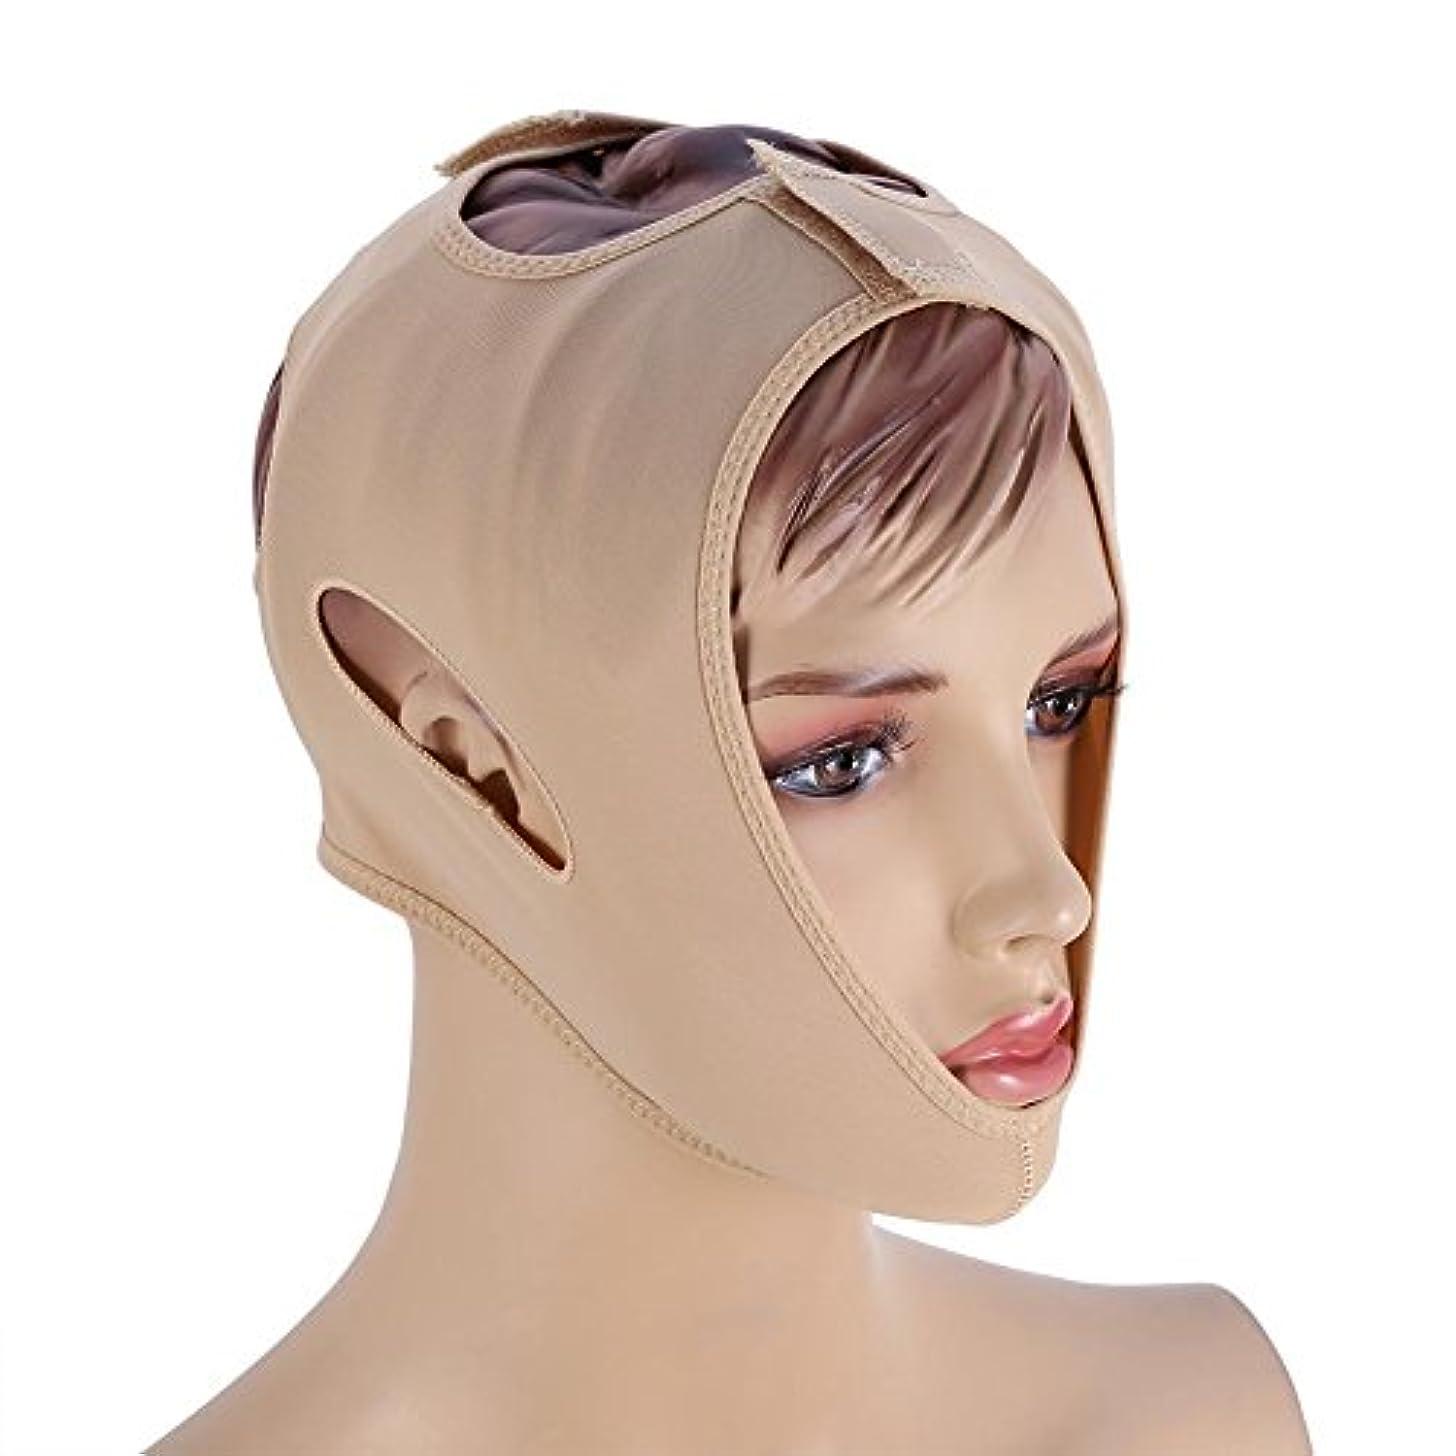 レッスン返済フィヨルドフェイスベルト 額、顎下、頬リフトアップ 小顔 美顔 頬のたるみ 引き上げマスク便利 伸縮性 繊維 (L码)